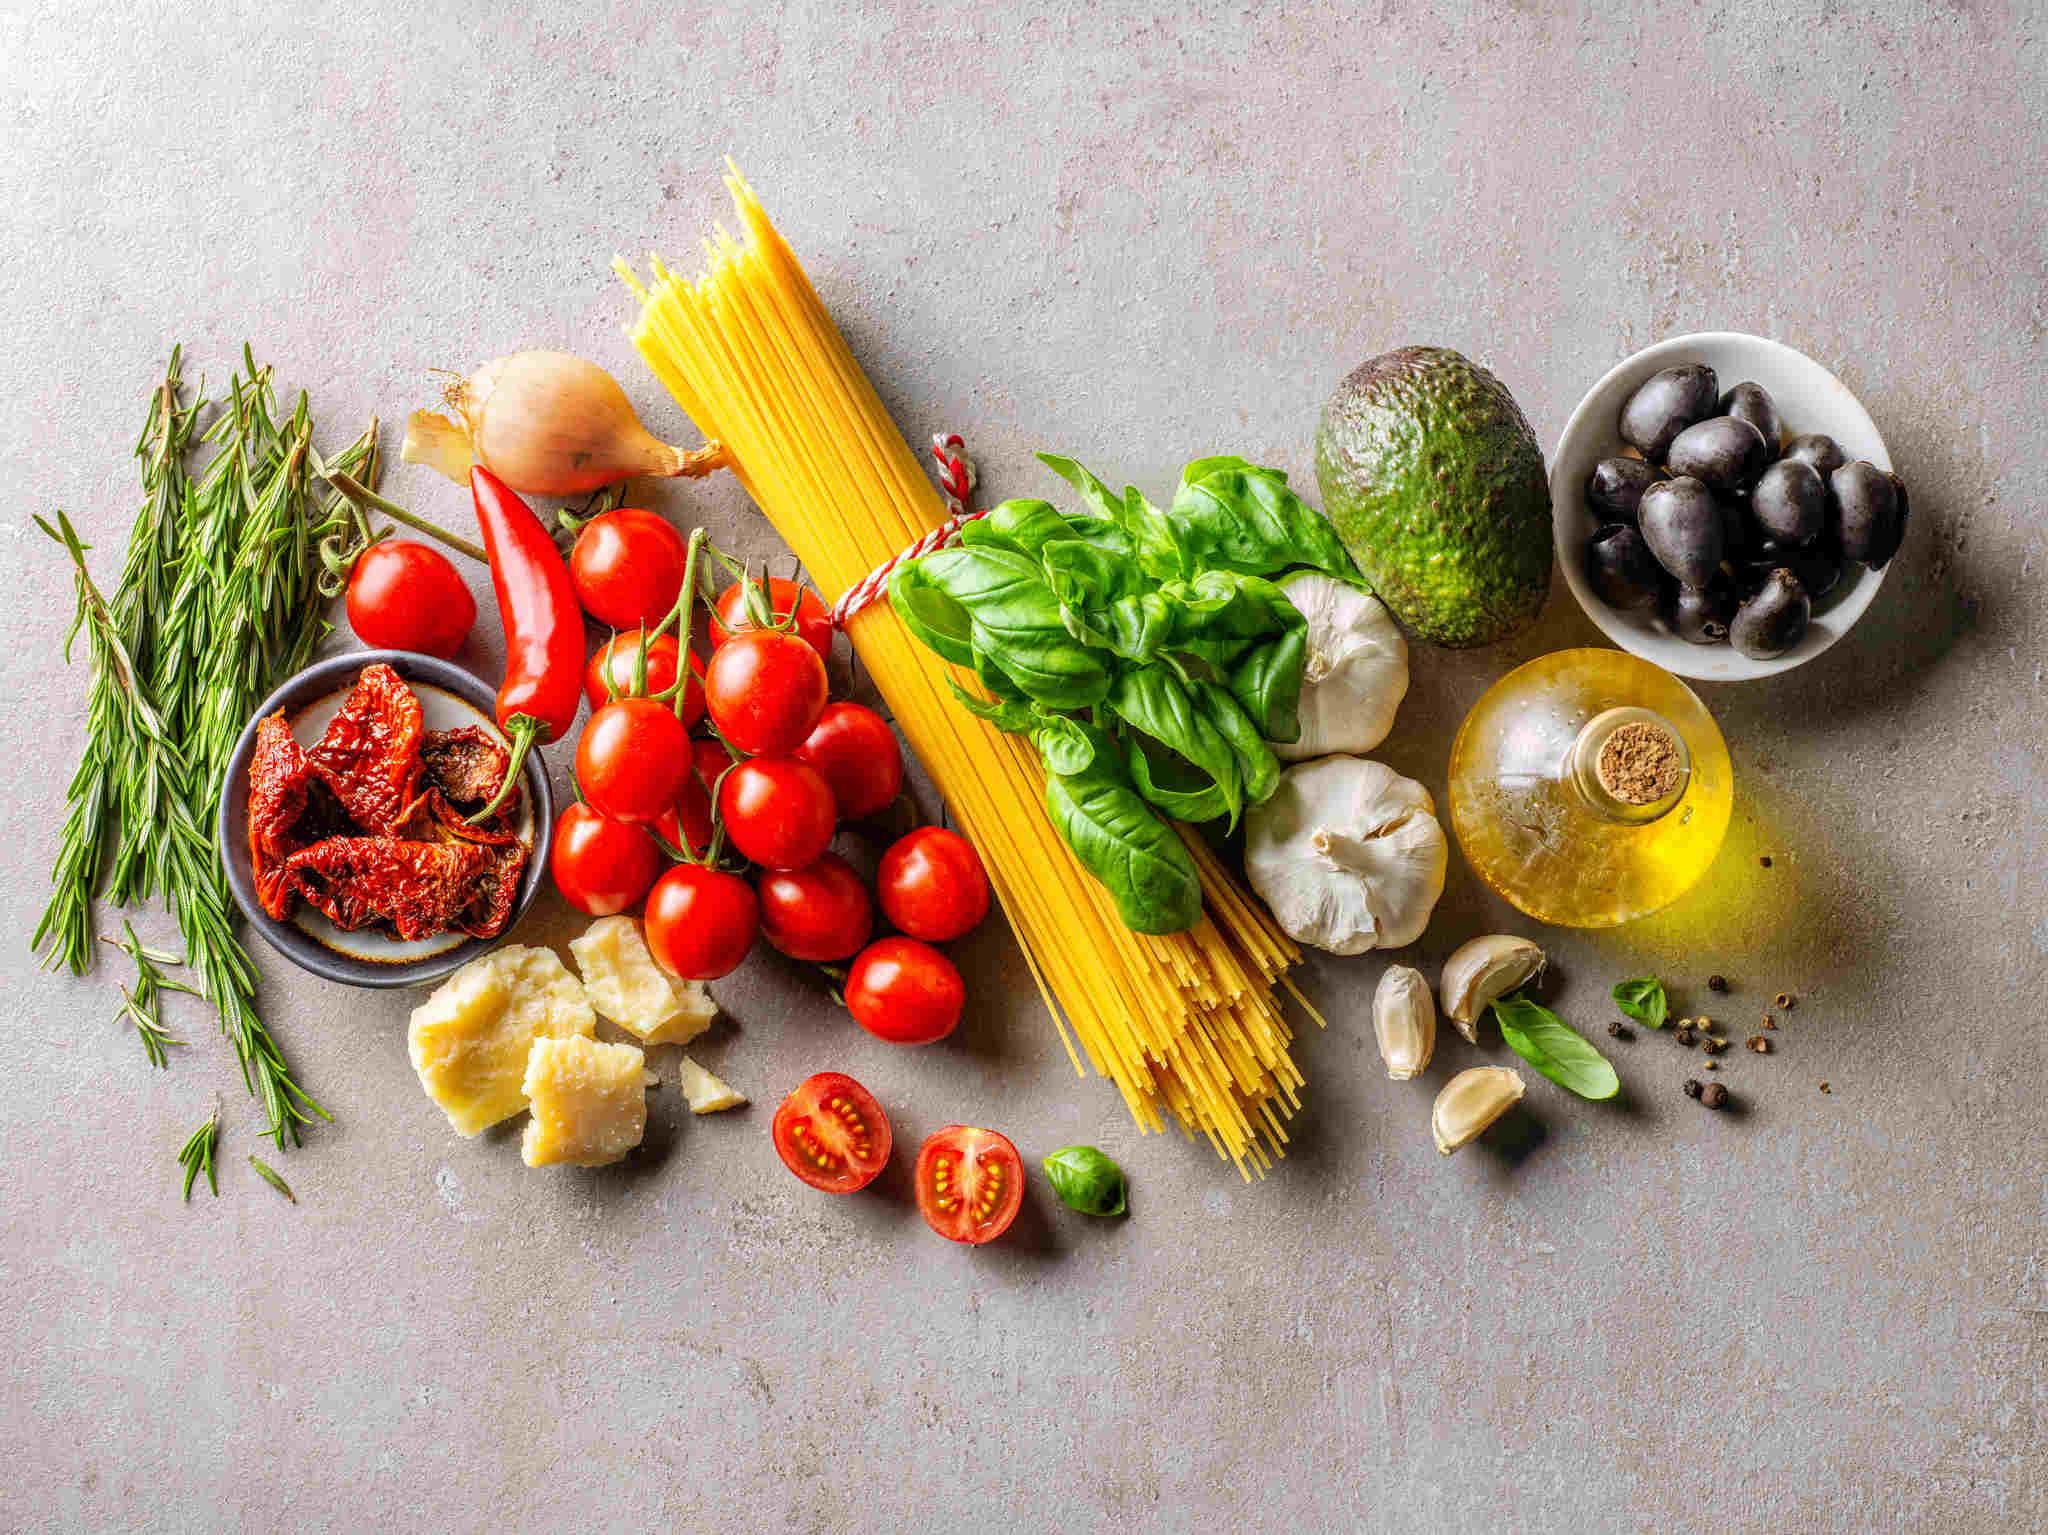 sağlıklı sebzeler ve makarna